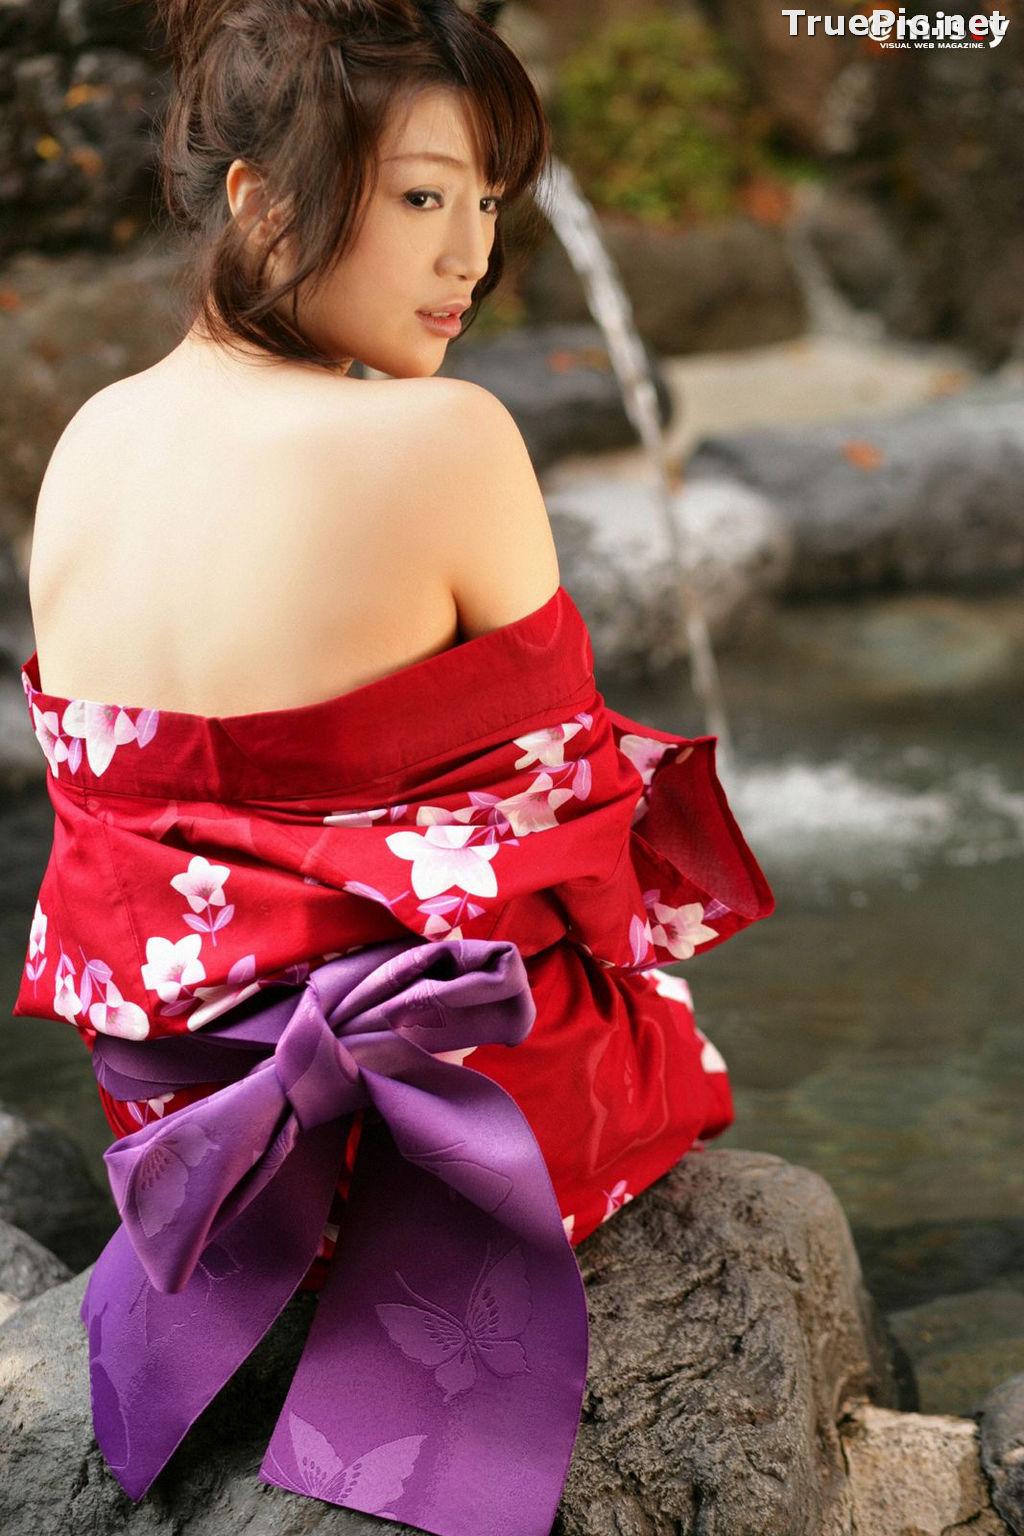 Image Misty No.216 - Japanese Gravure Idol - Yuuri Morishita - TruePic.net - Picture-6